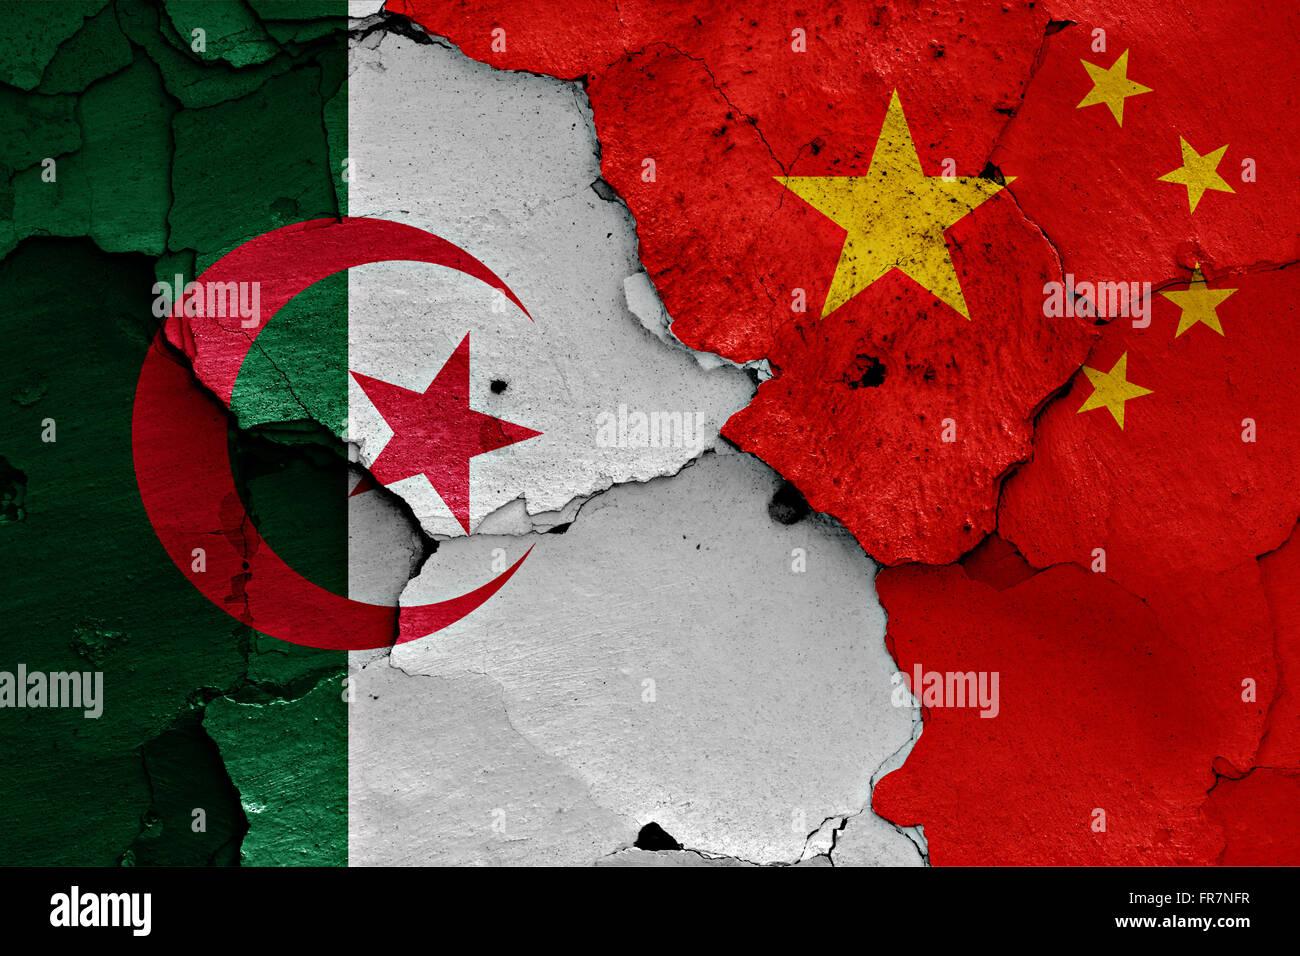 Banderas de Argelia y China pintados en la pared agrietada Imagen De Stock